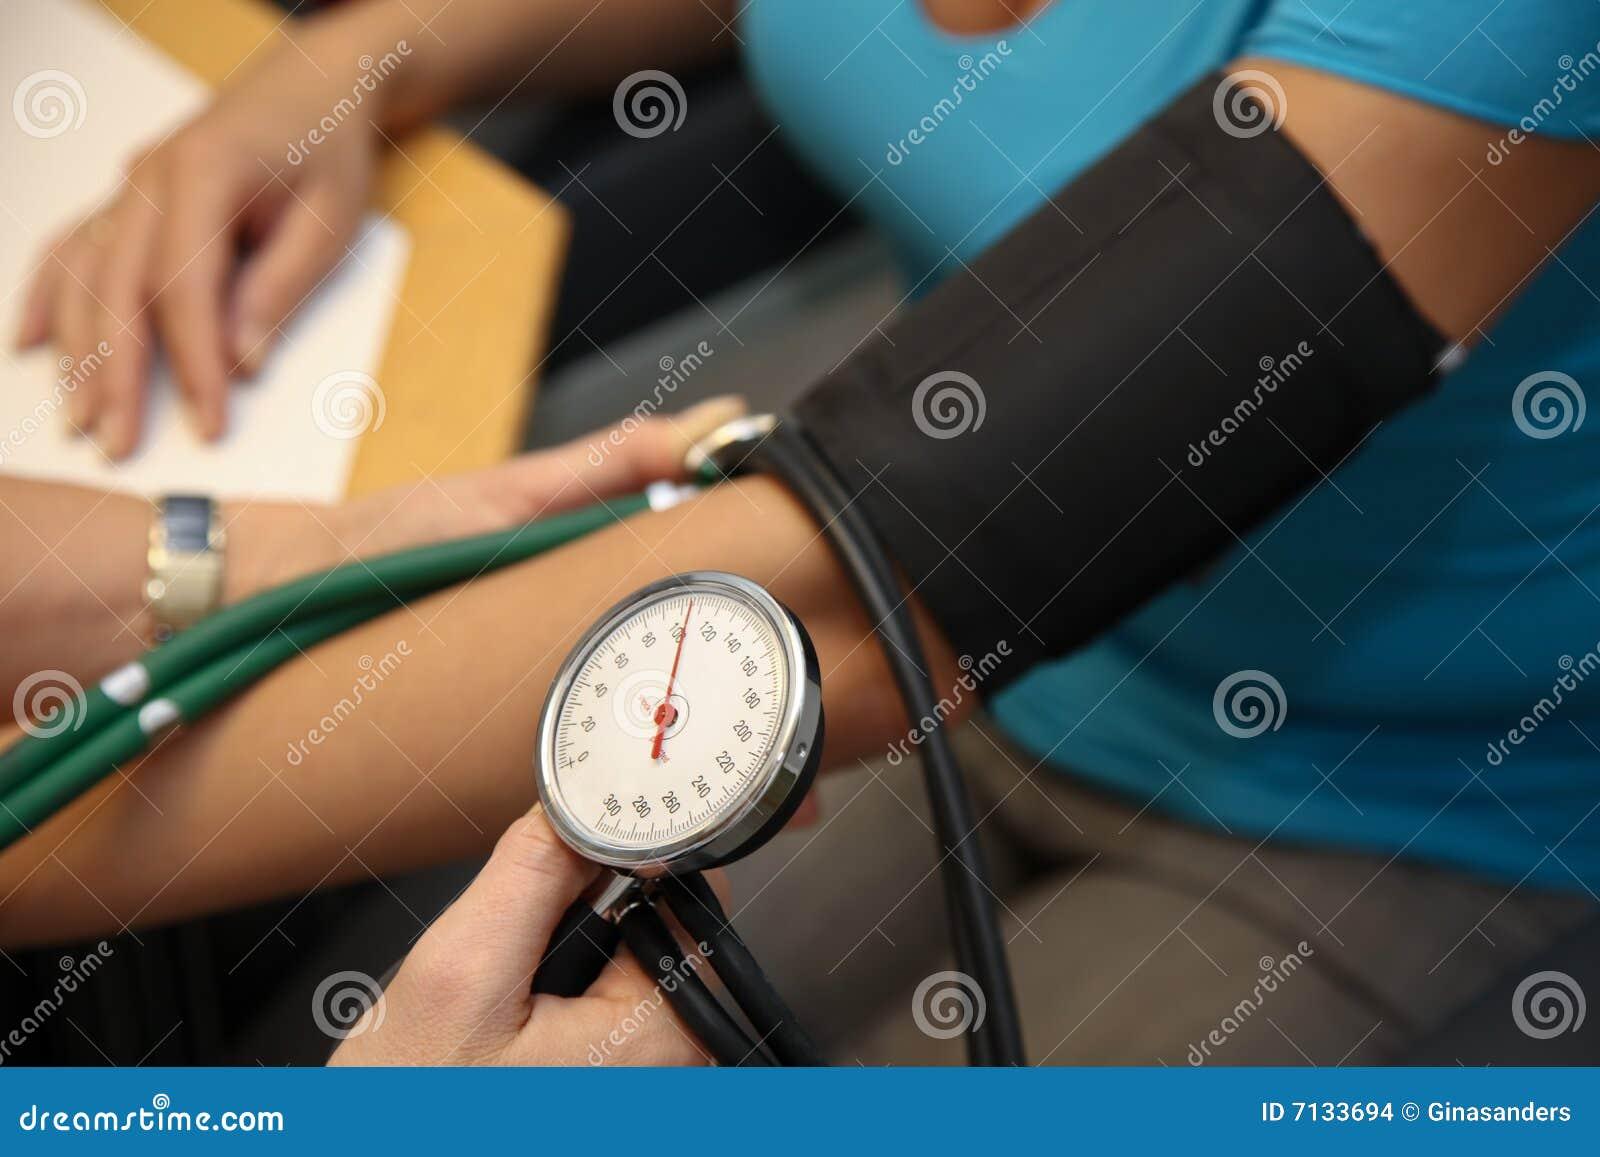 Повысить артериальное давление в домашних условиях